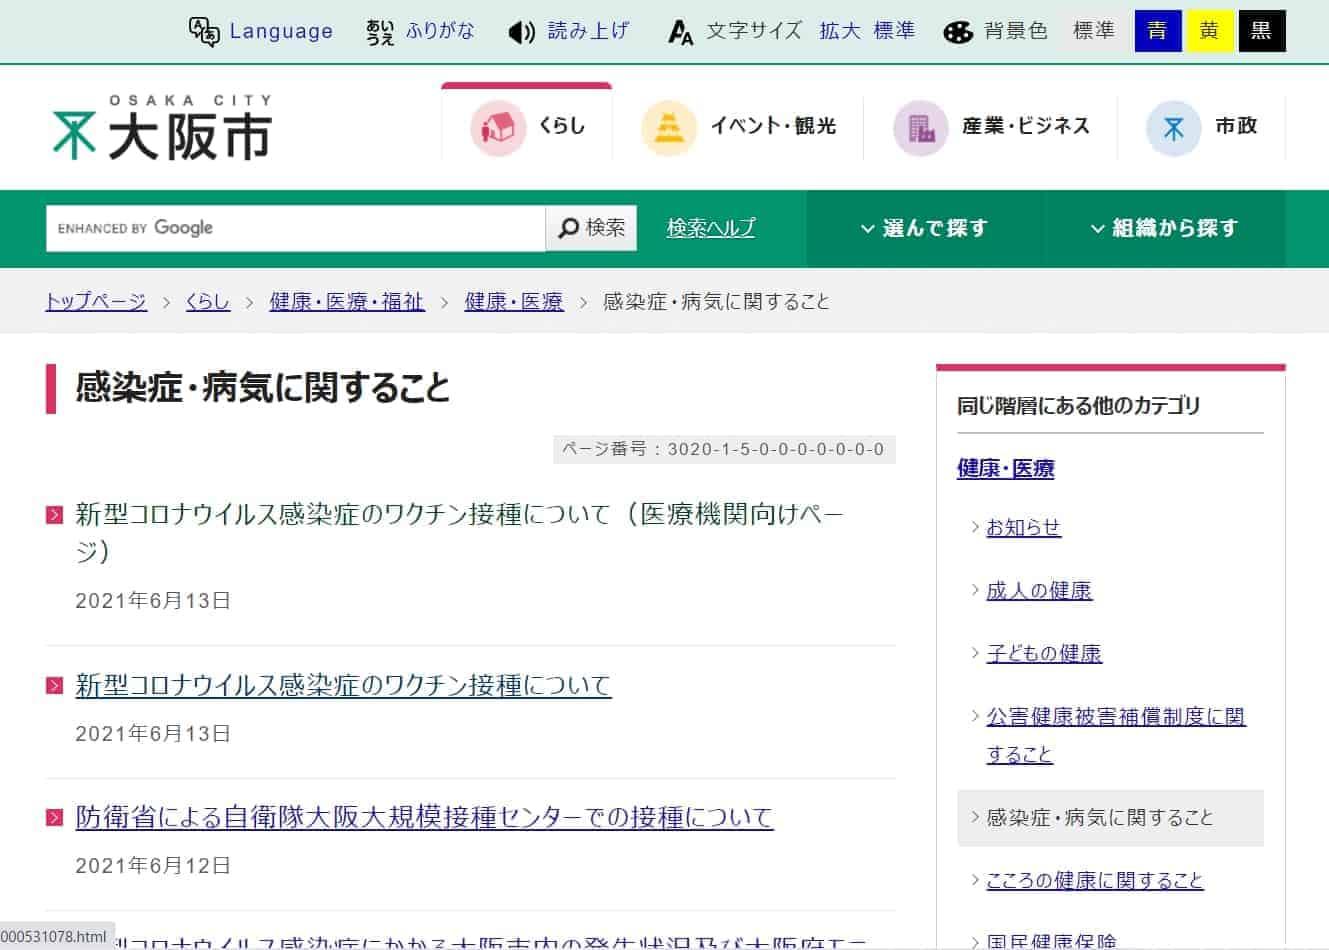 大阪市ホームページ